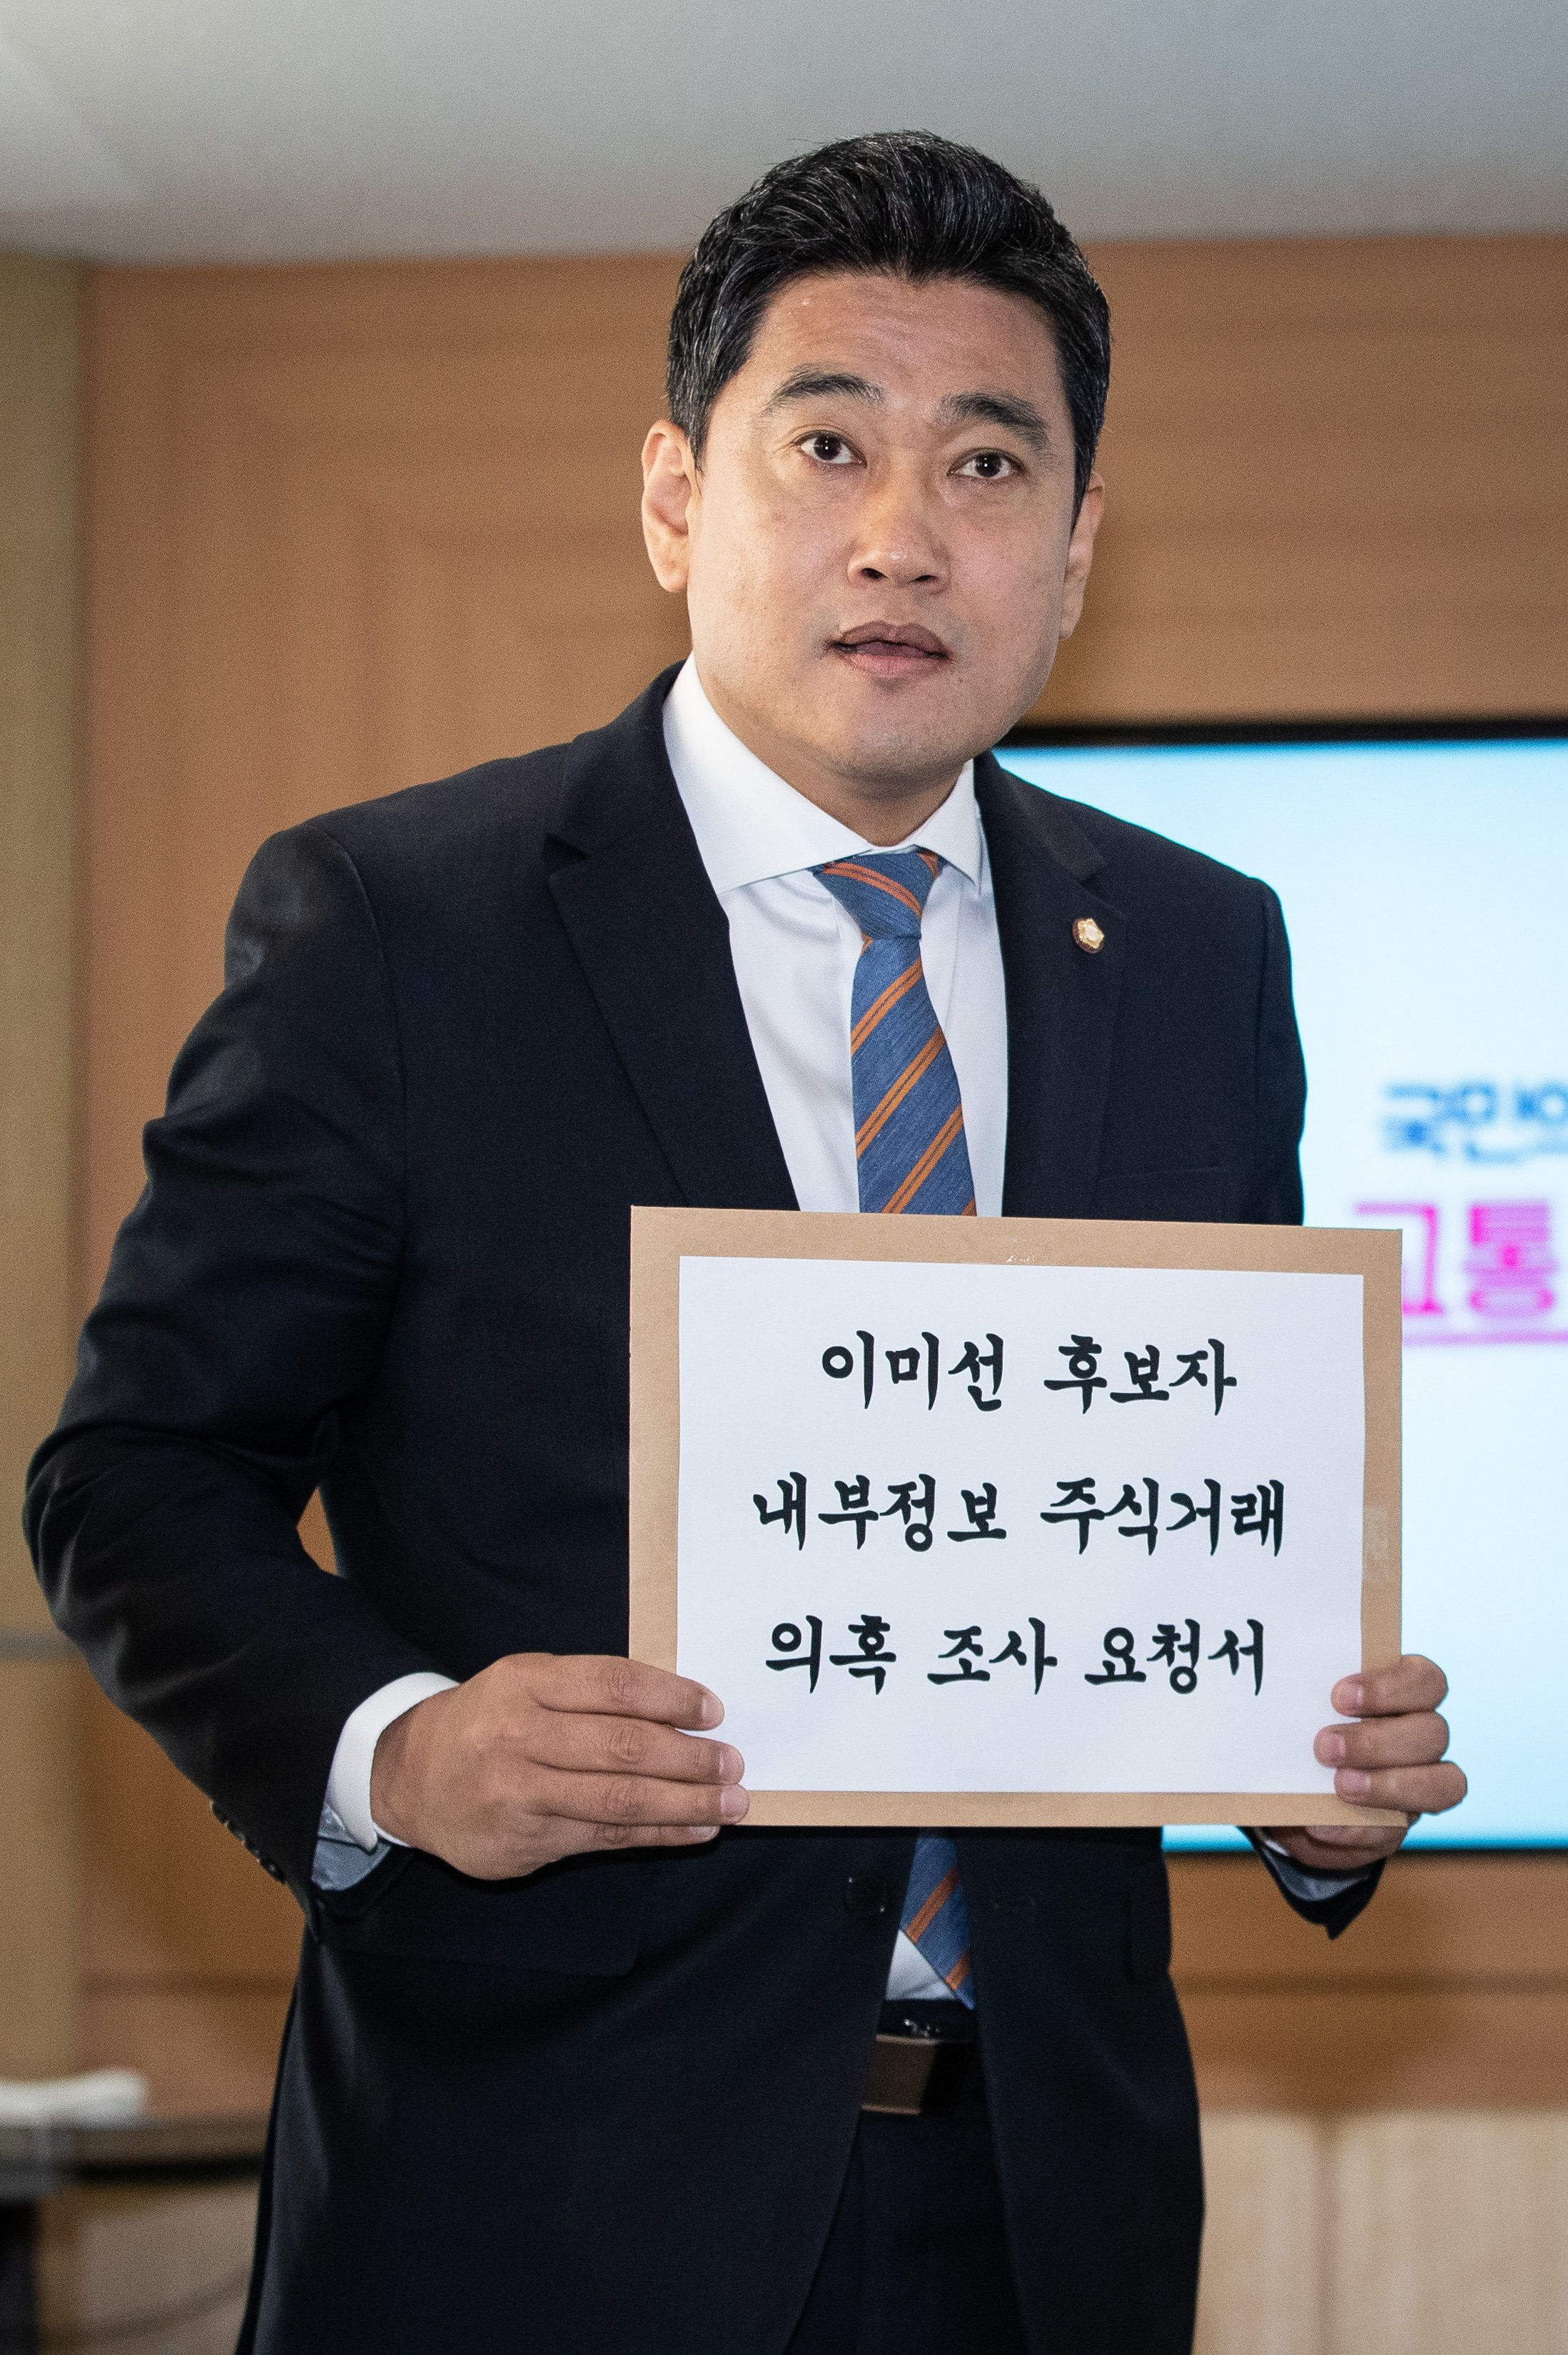 오신환 의원이 패스트트랙 '반대표'를 던지겠다고